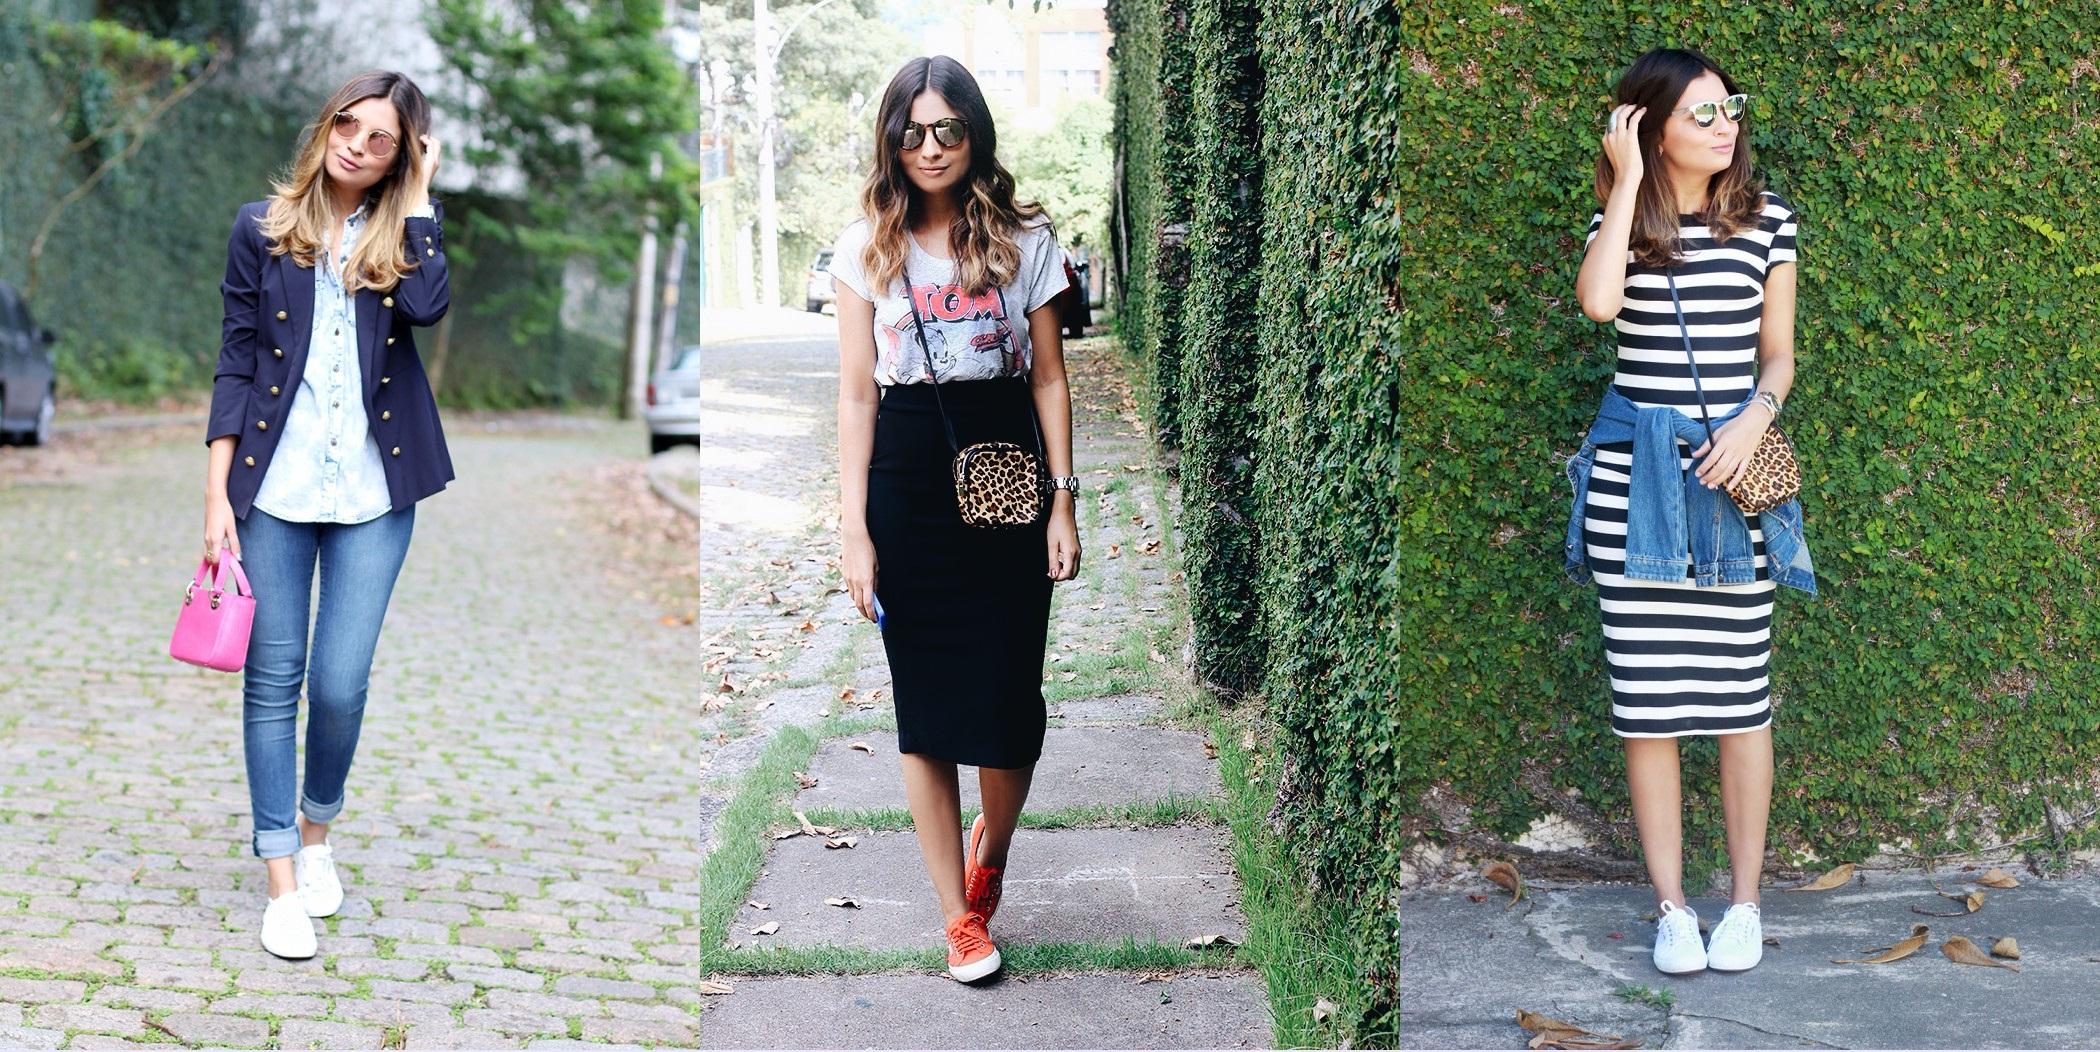 Meu-look-blazer-navy-Jessica-Velasco-4-700x1050-horz Moda de rua: Looks com Tênis